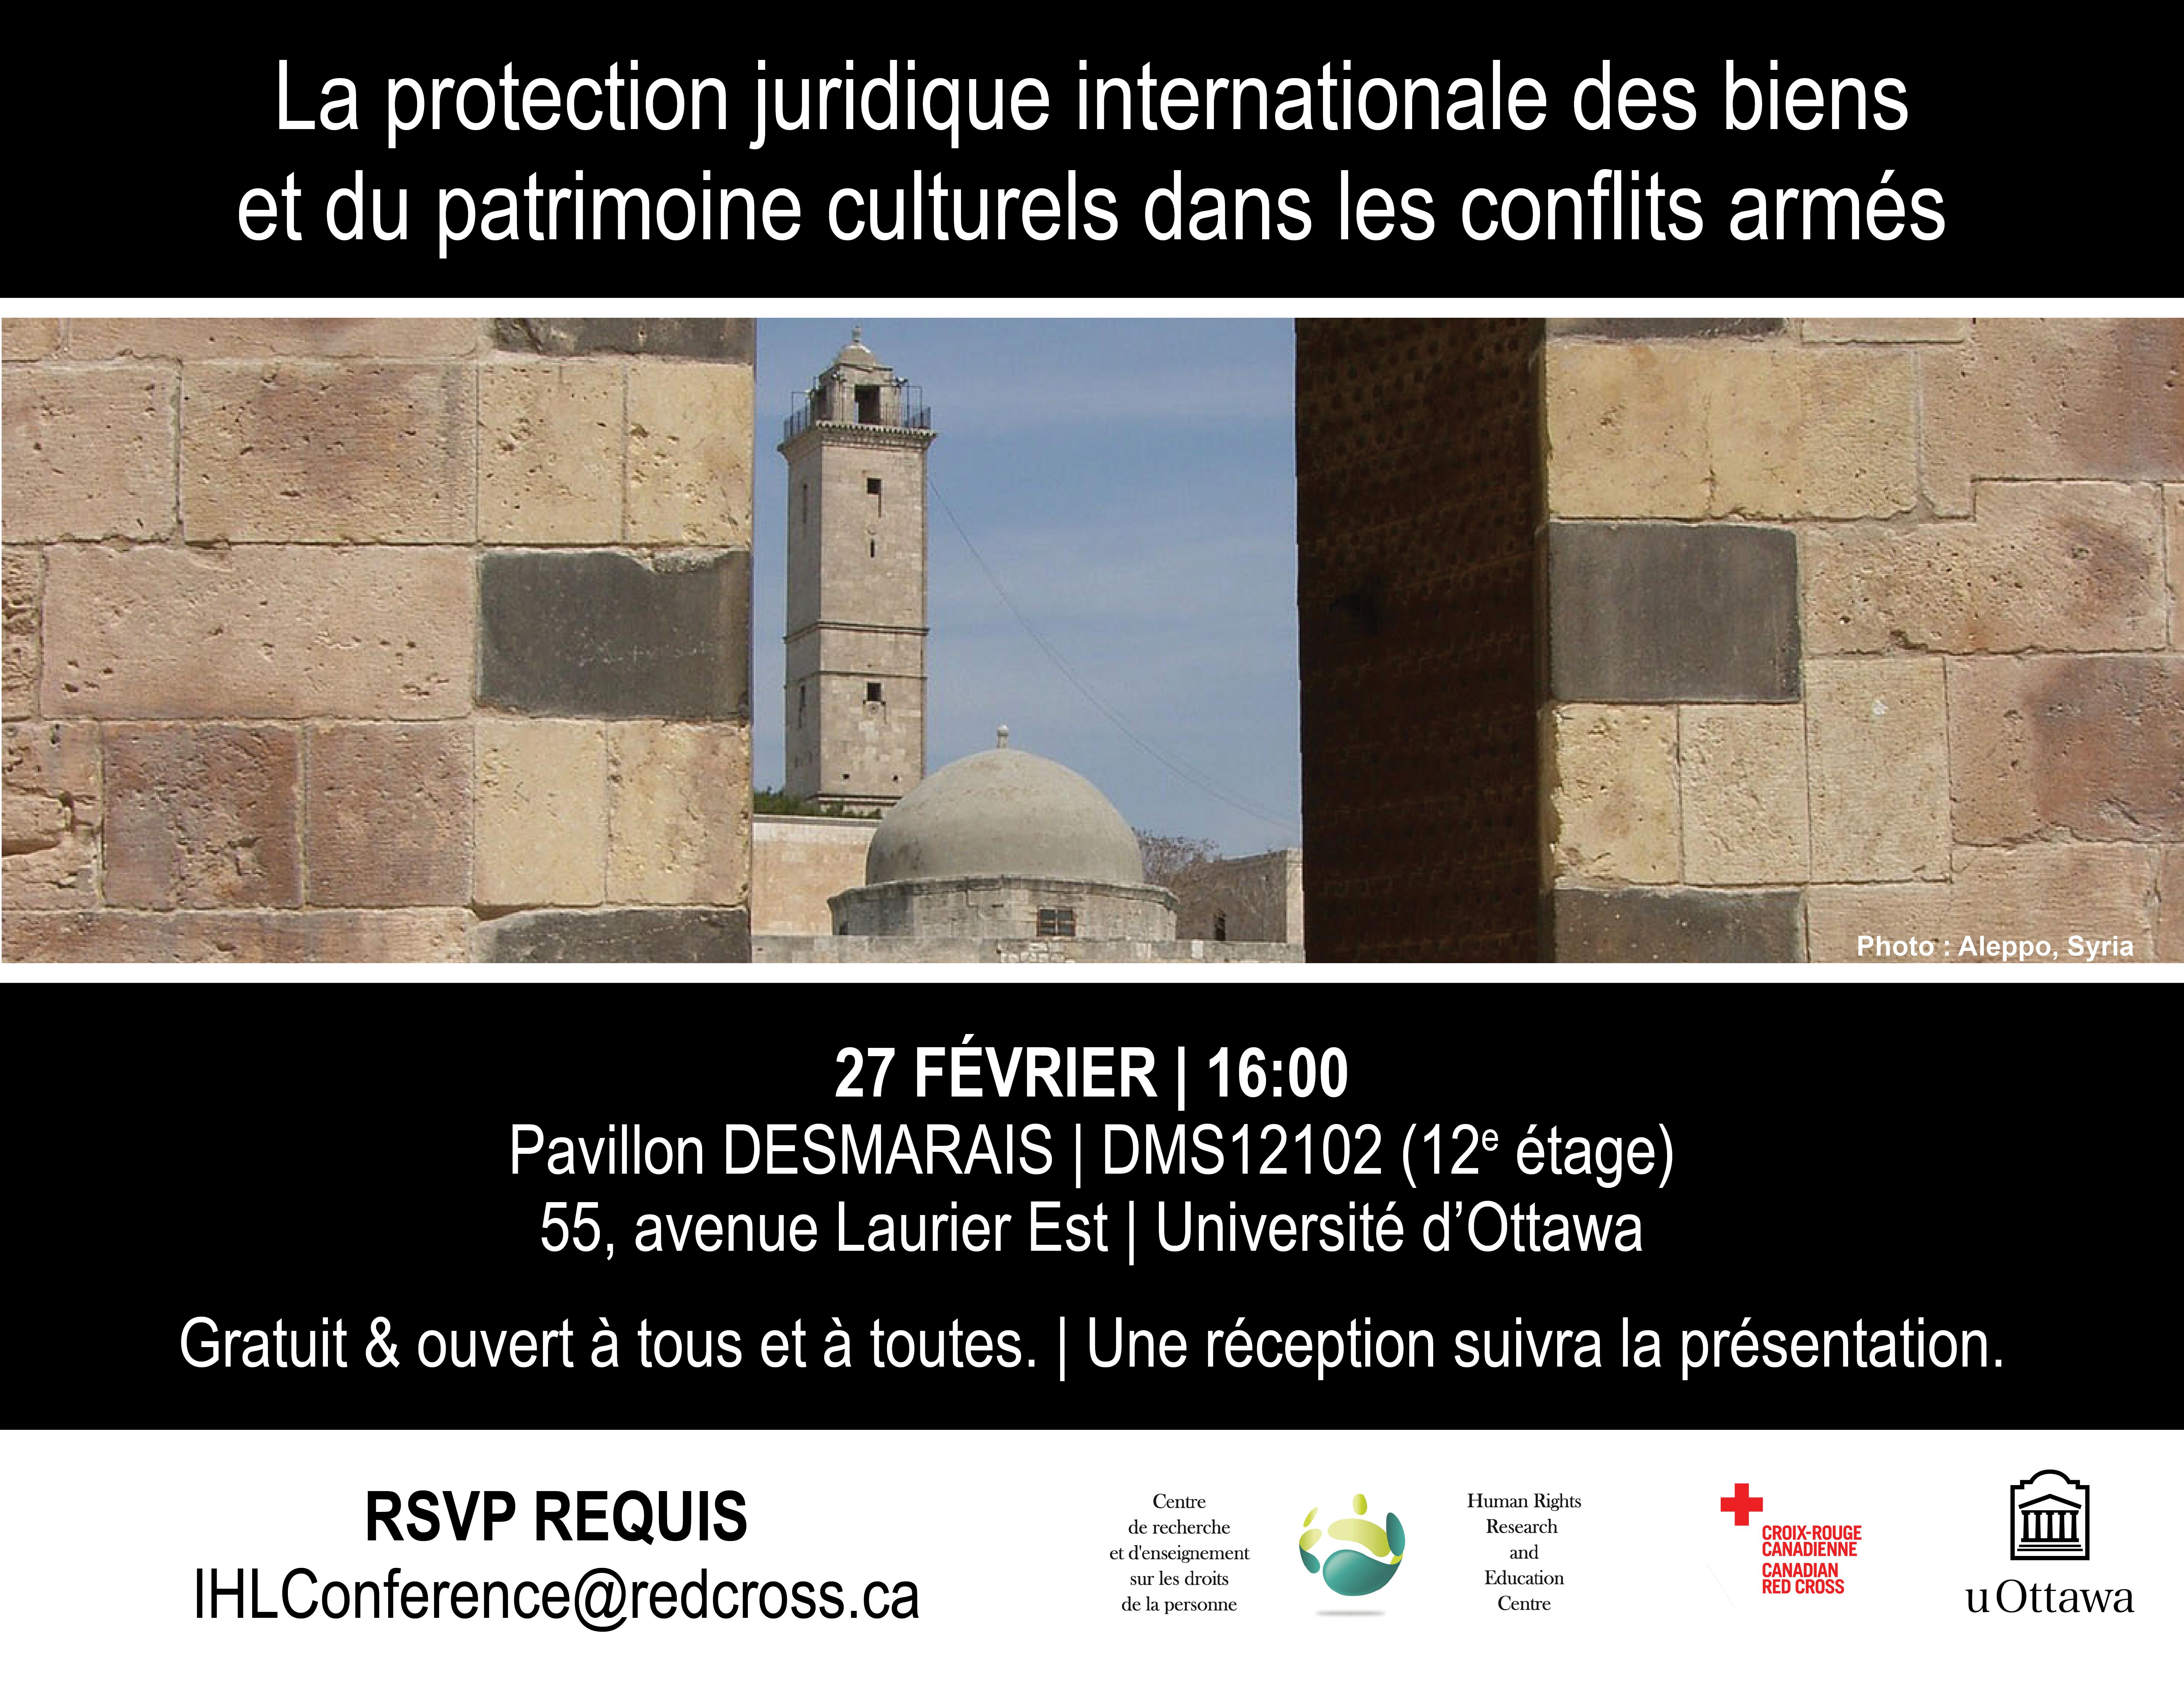 27 FÉV - Protection juridique internationale des biens et du patrimoine culturel